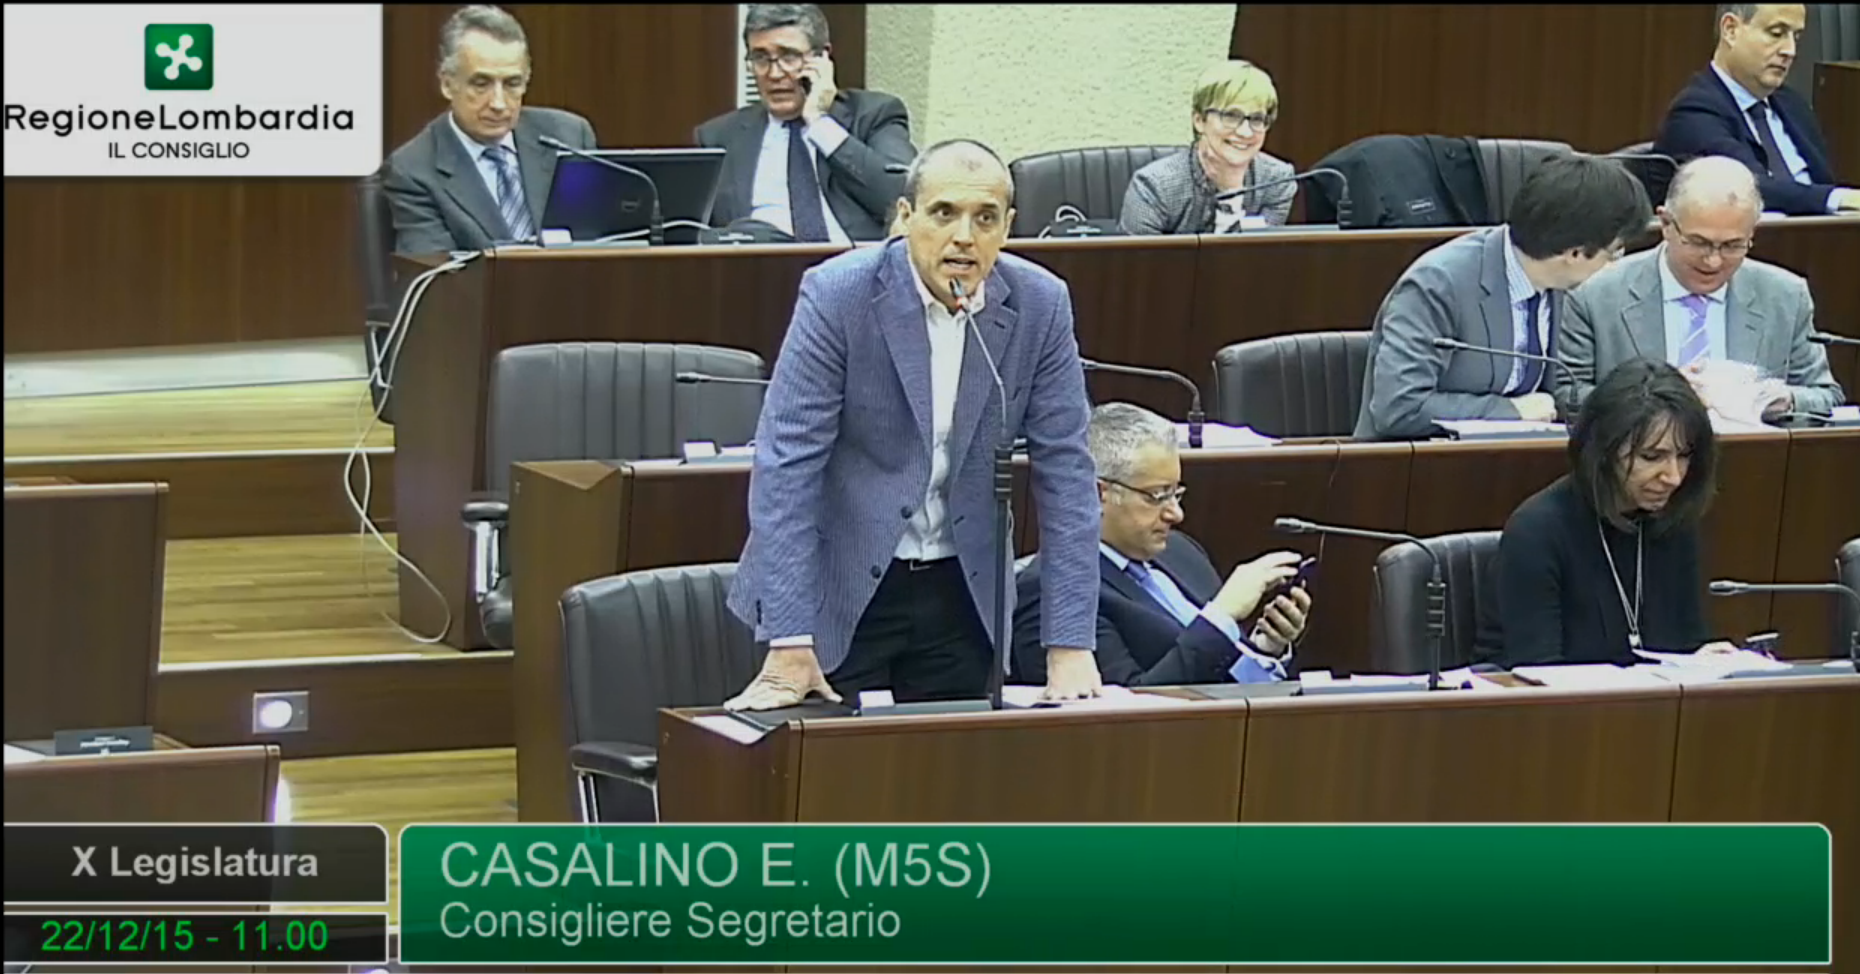 """Intitolazione di una sala alla Fallaci, Casalino (M5S): """"sua figura è troppo divisiva"""""""